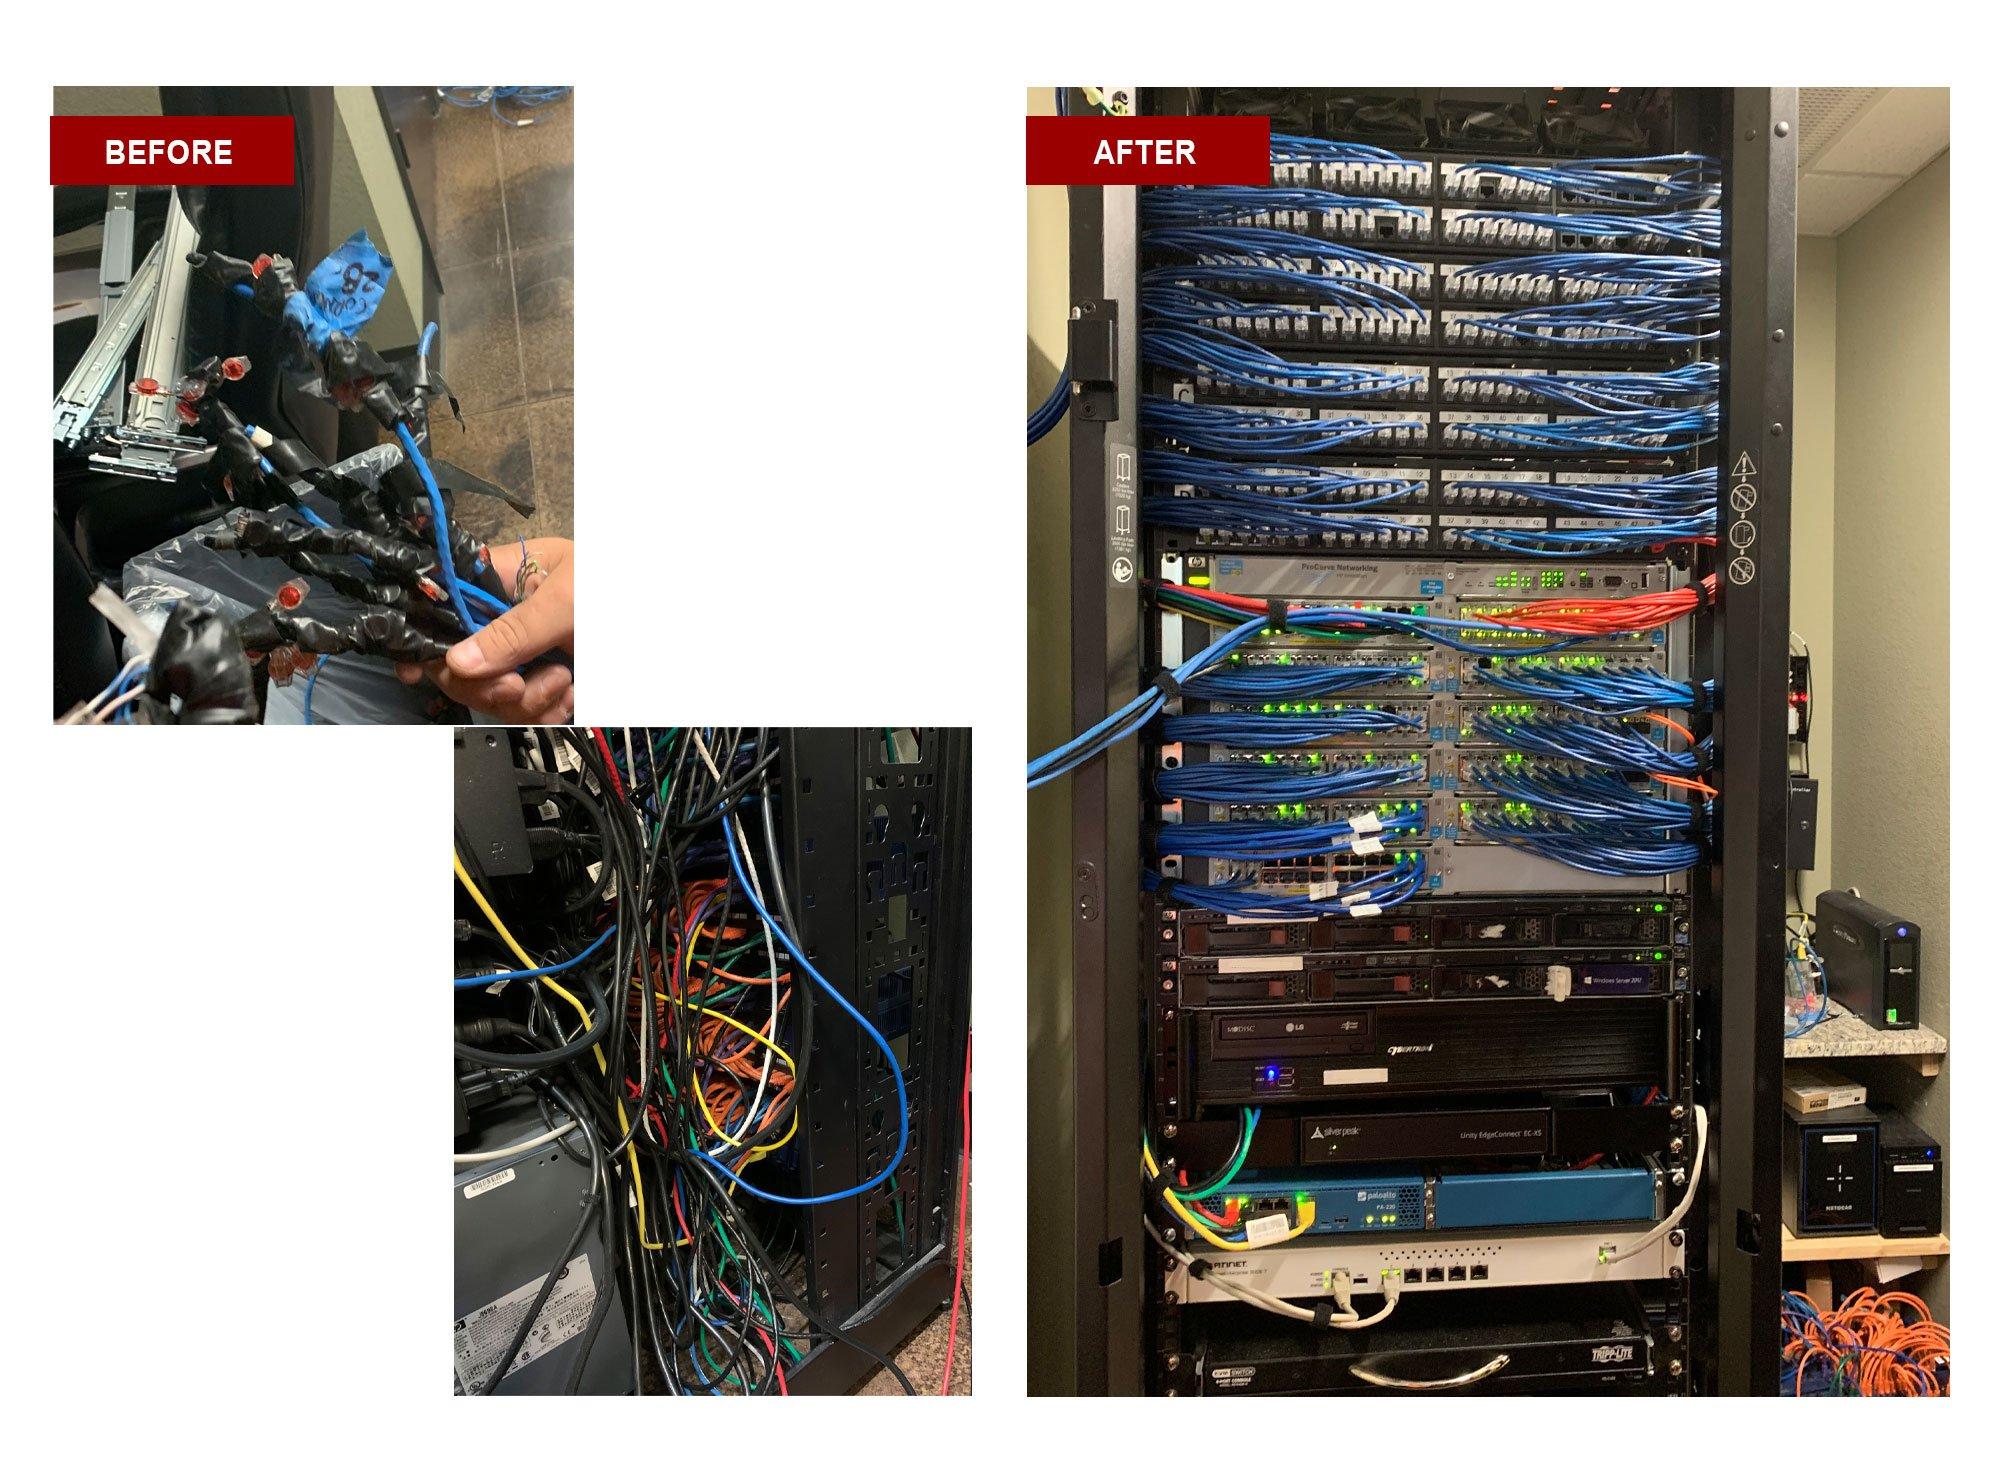 NTI proper wiring cleanup